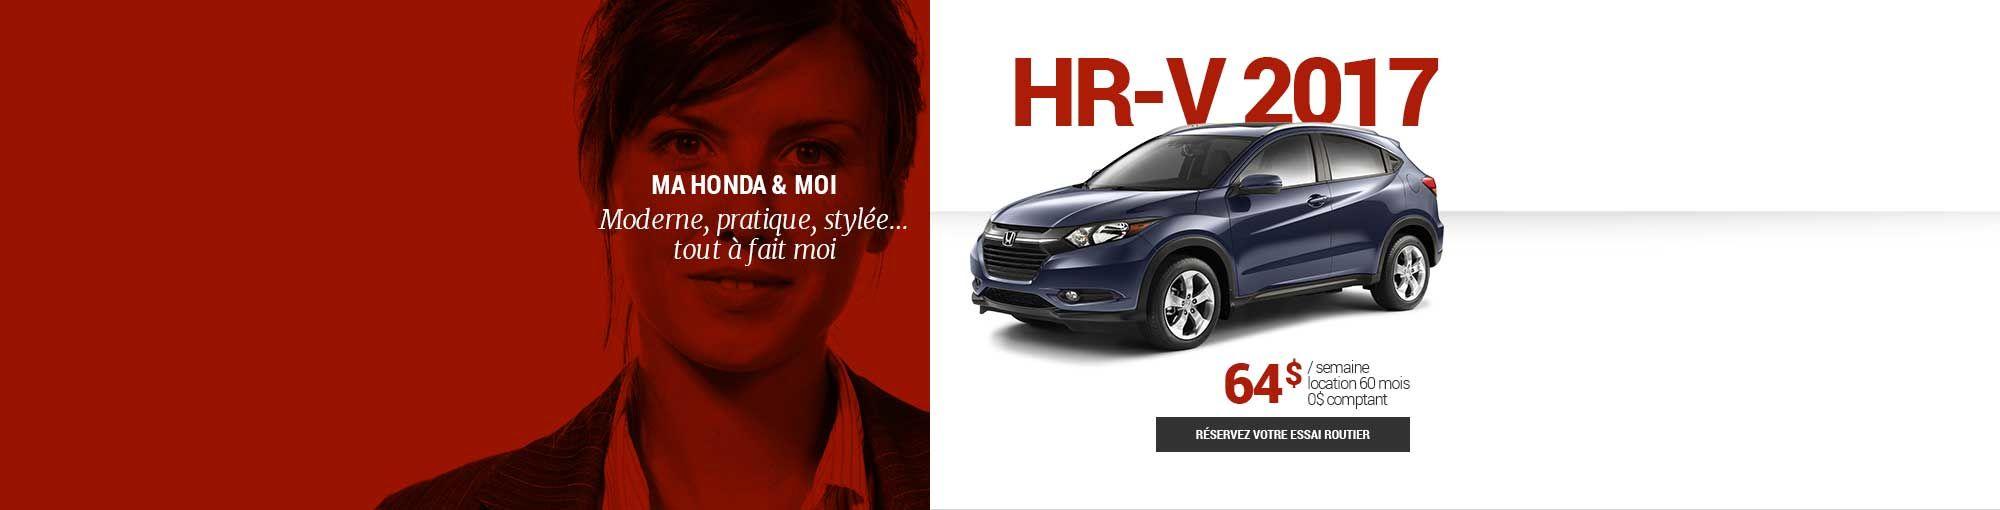 HR-V 2017 - avril 2017